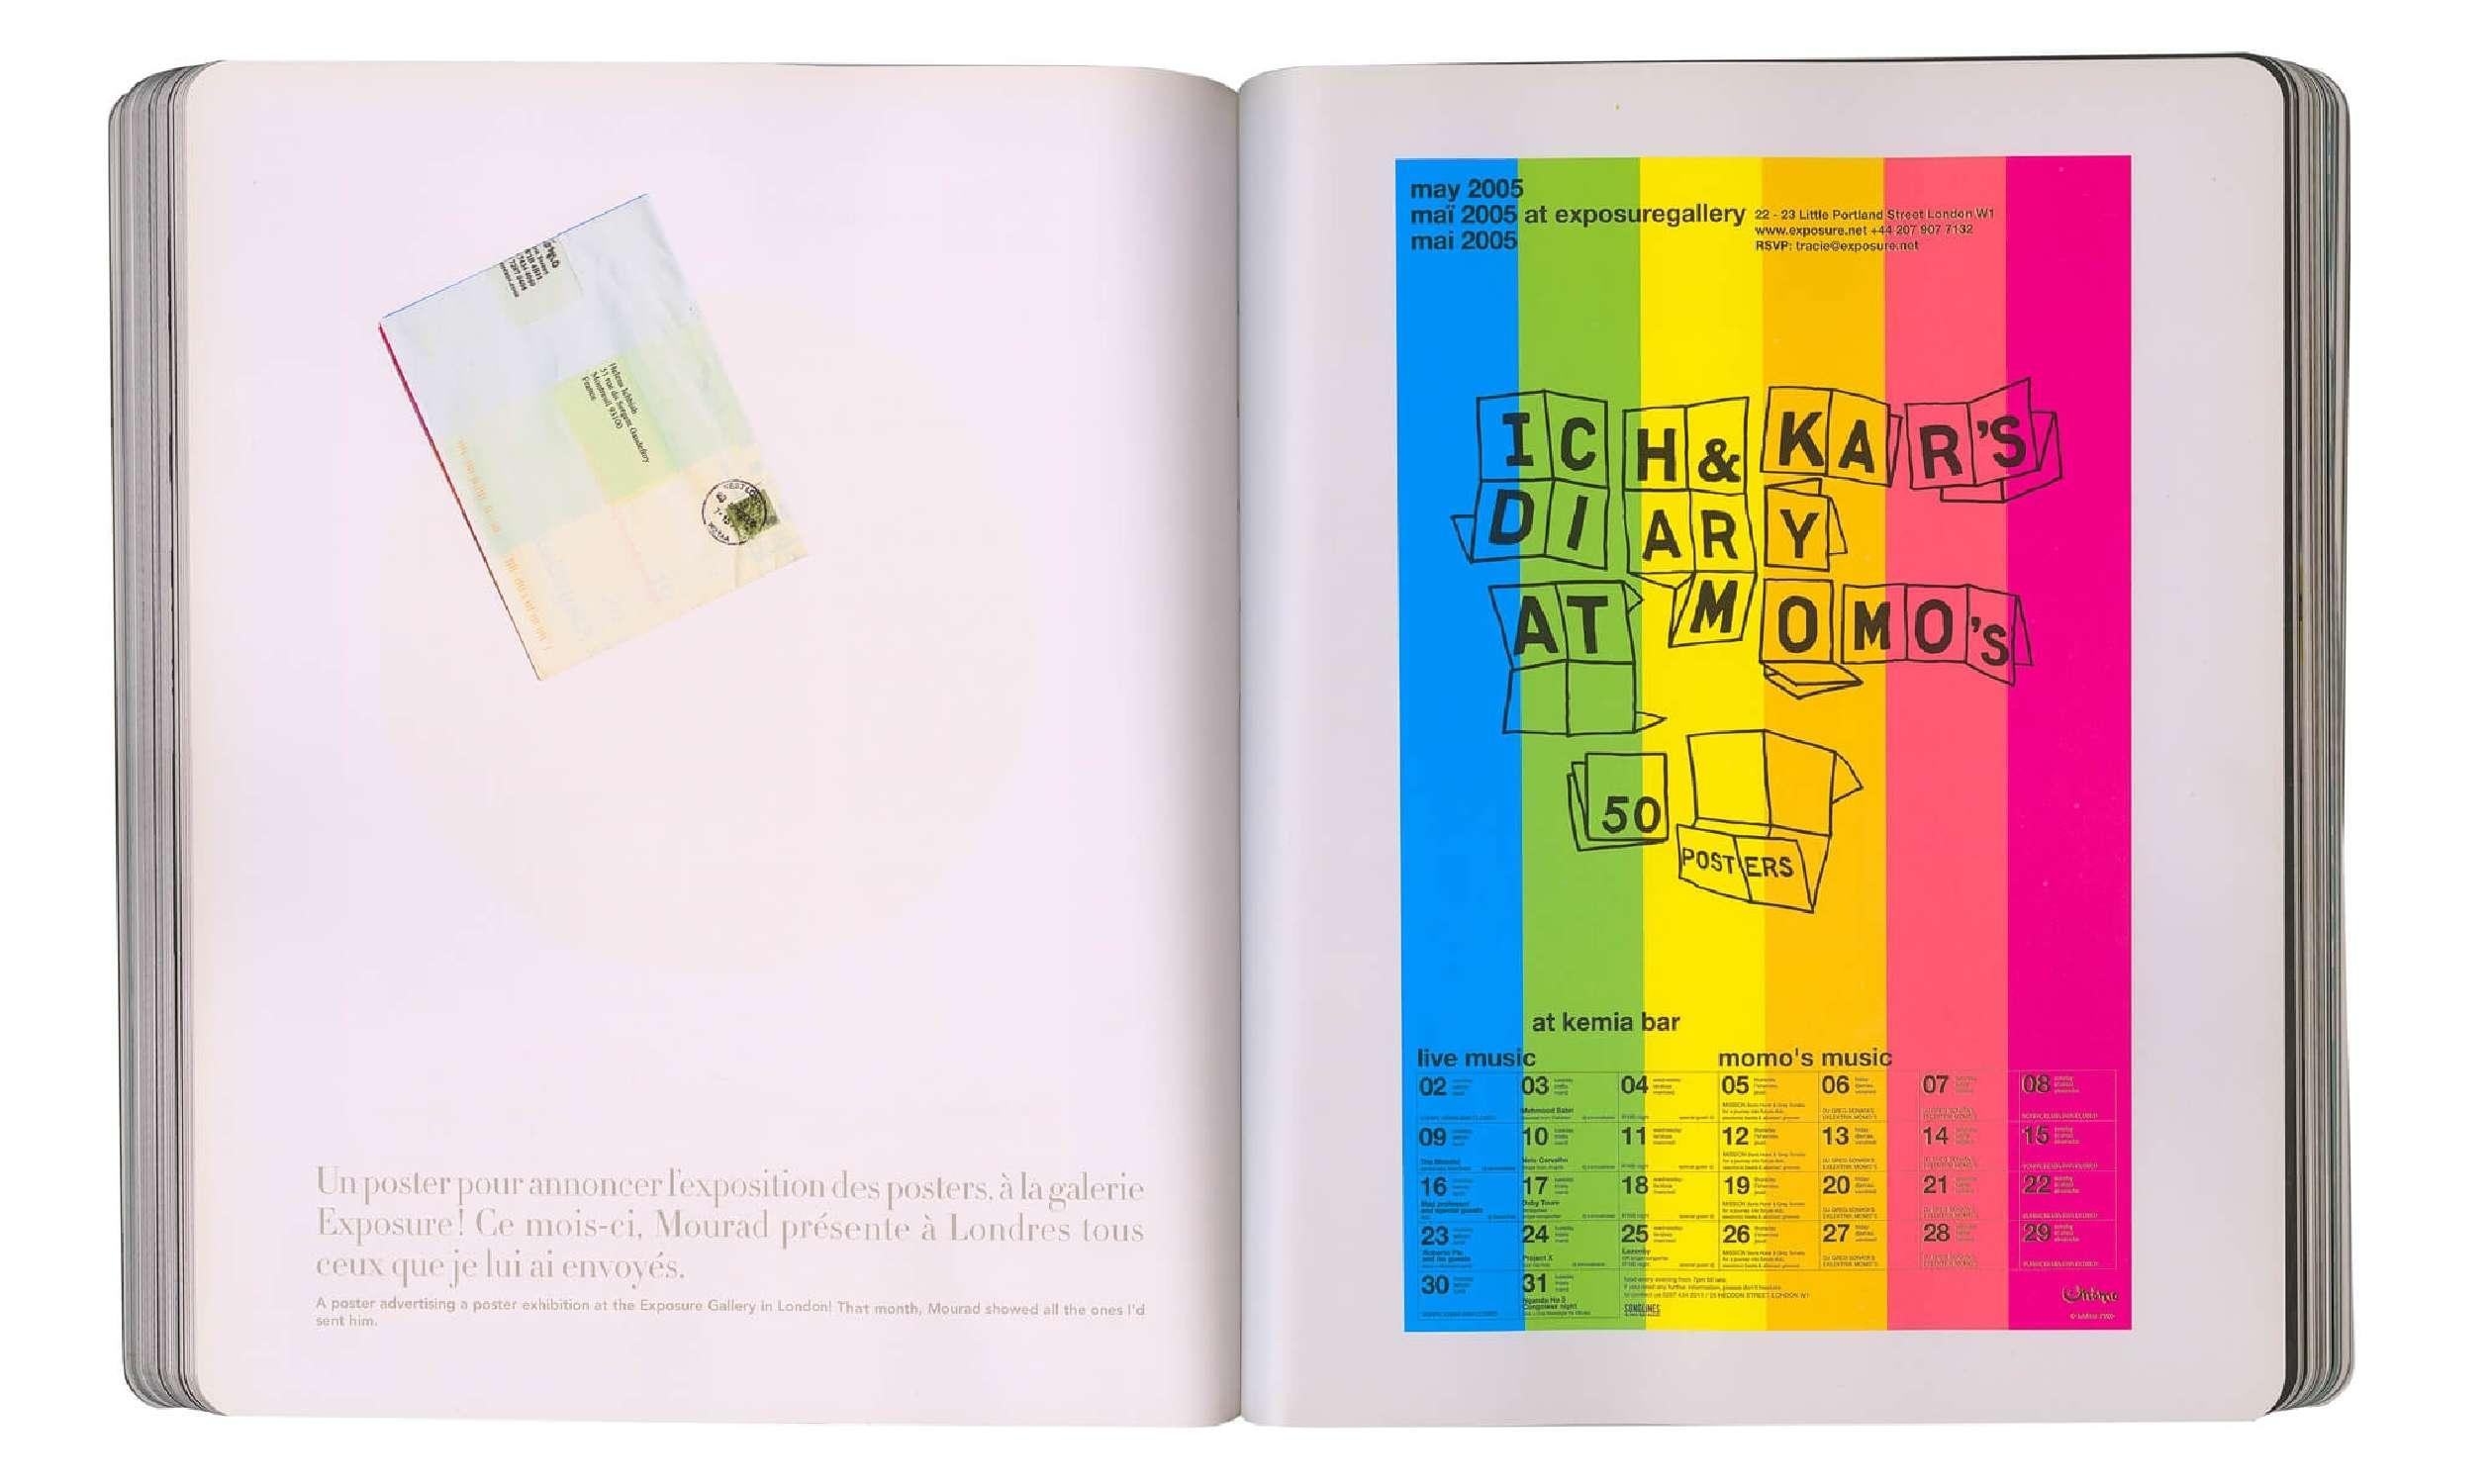 page intérieure du livre graphique sur le projet diary at momo's poster multicolore en offset fluo